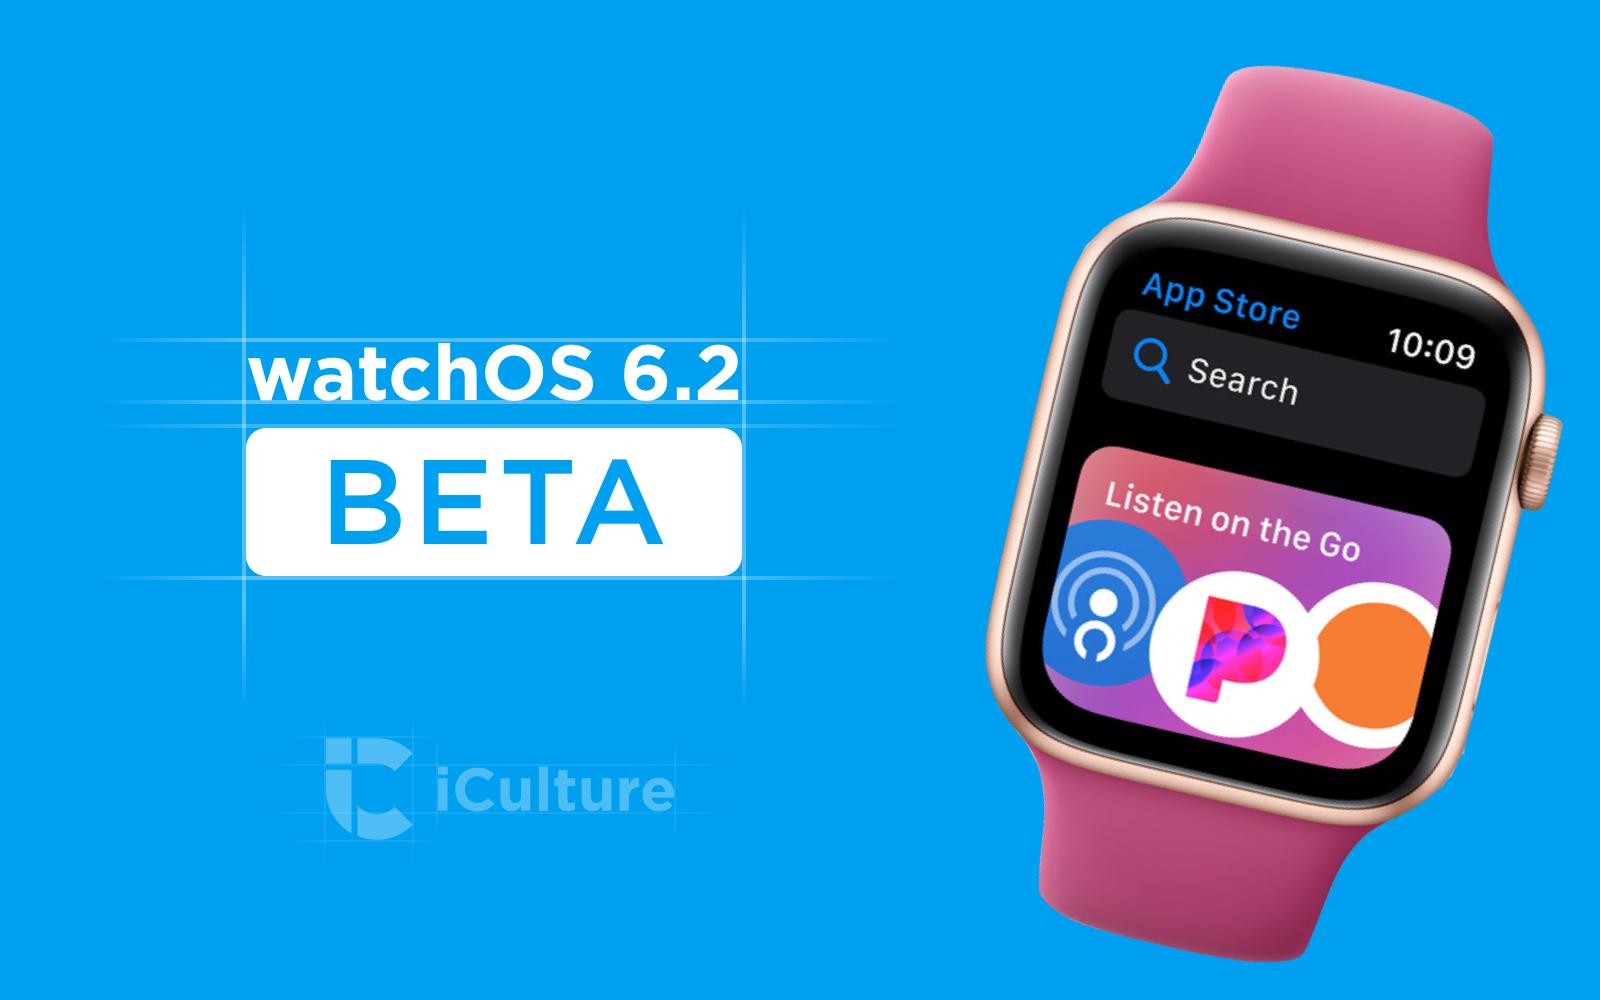 watchOS 6.2 Beta